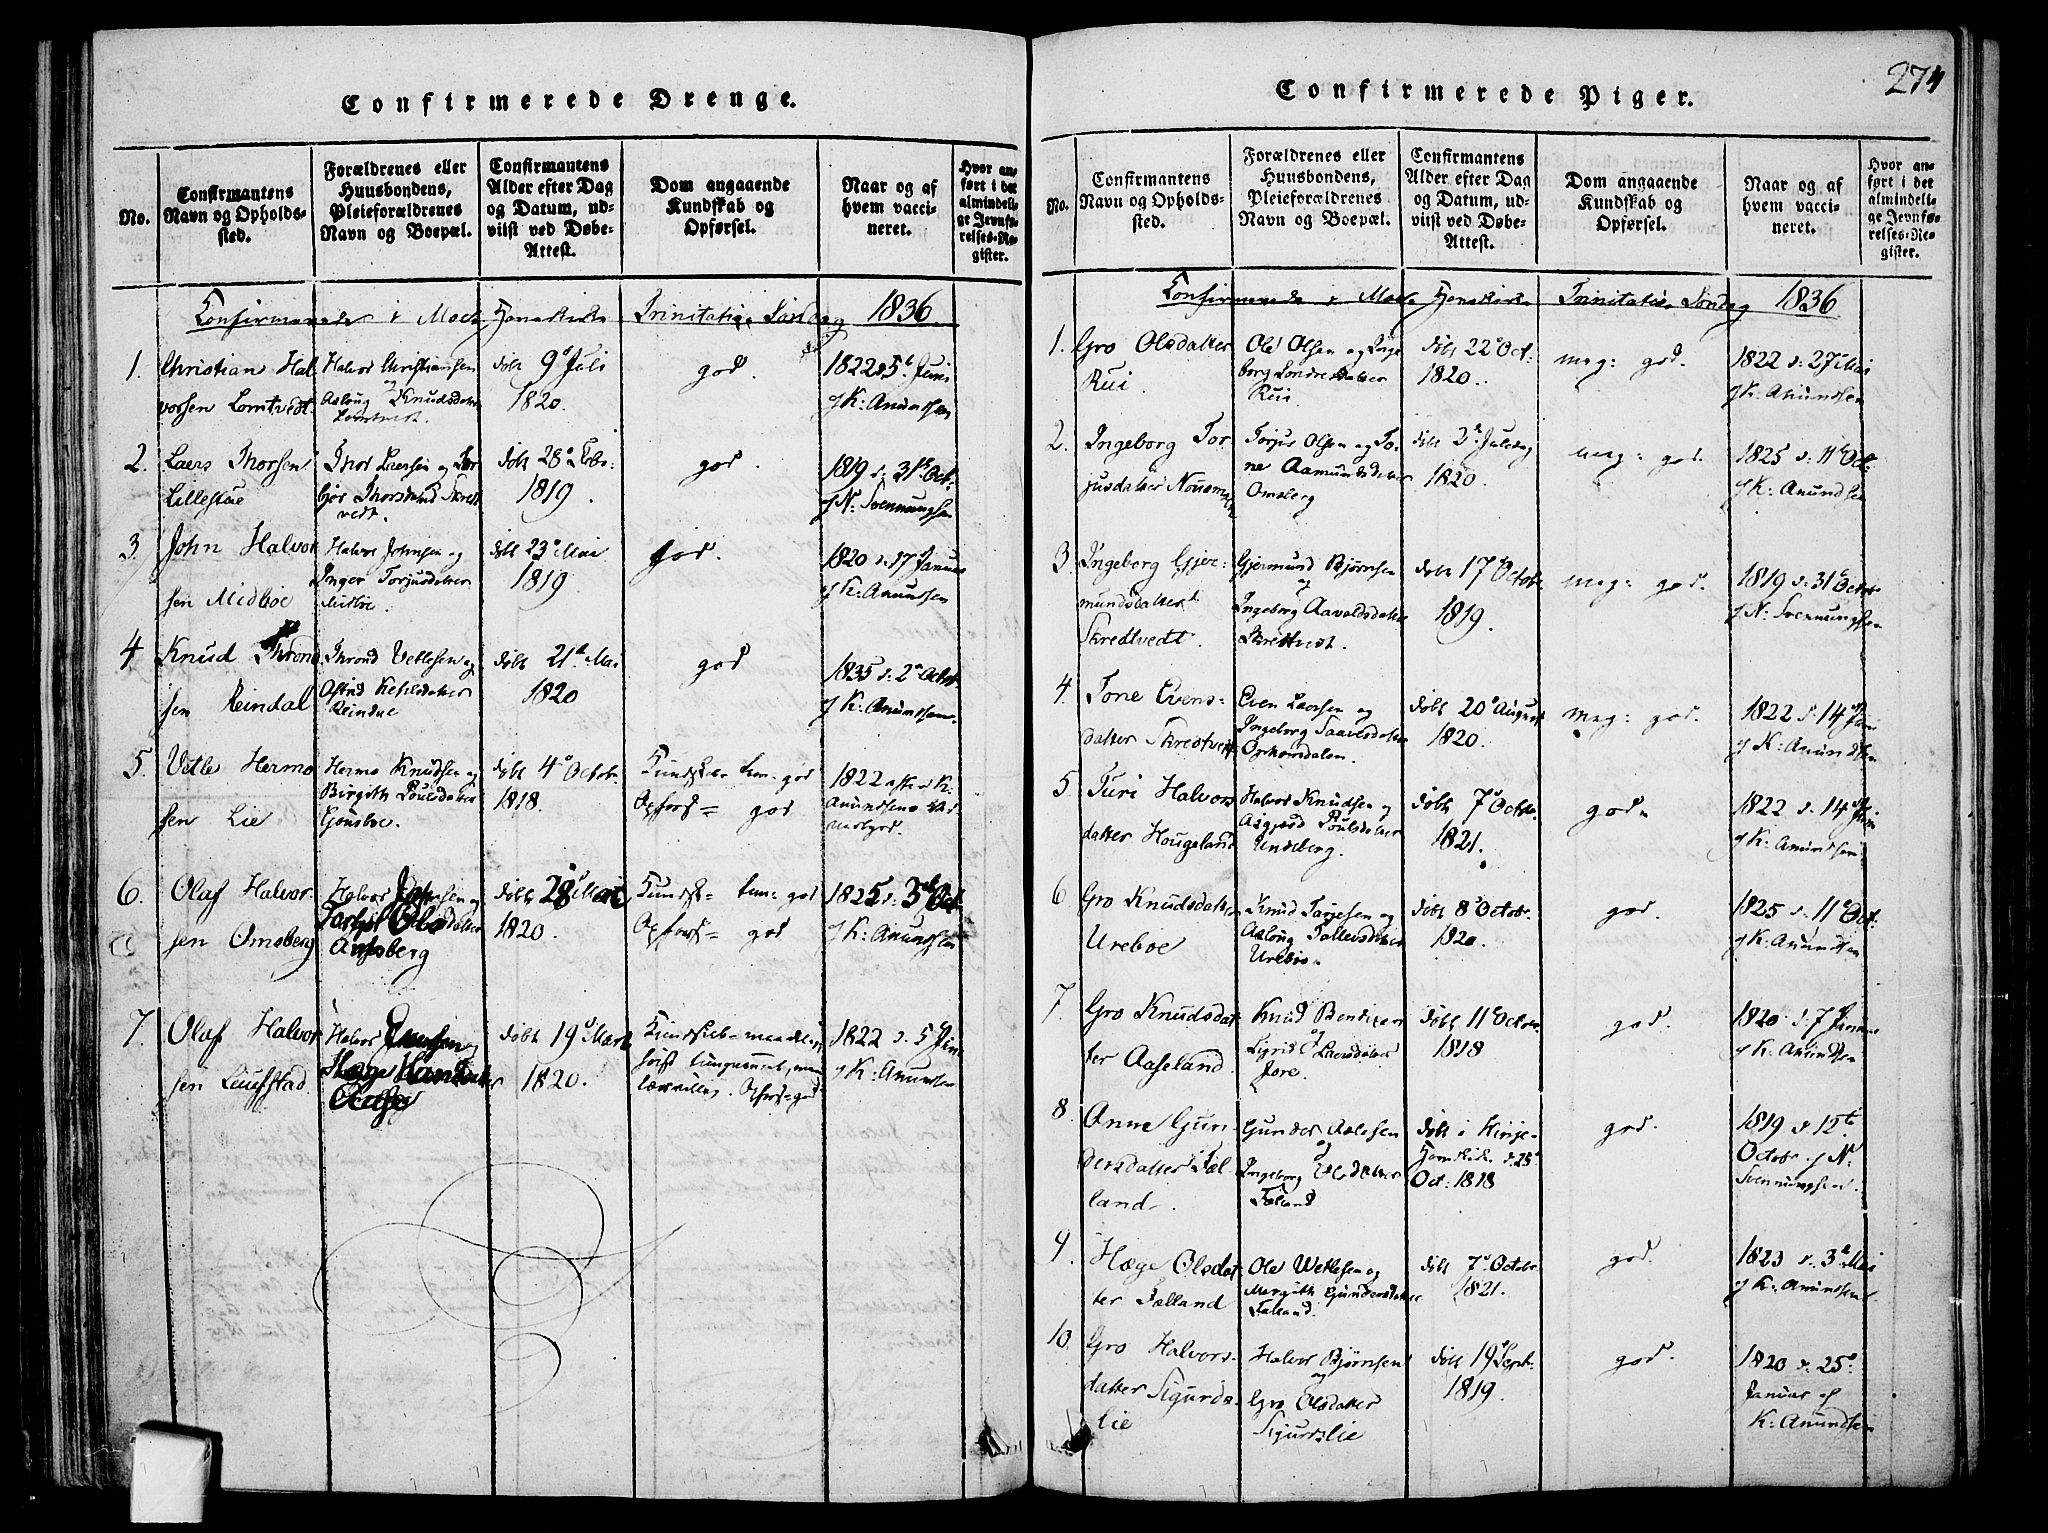 SAKO, Mo kirkebøker, F/Fa/L0004: Ministerialbok nr. I 4, 1814-1844, s. 274